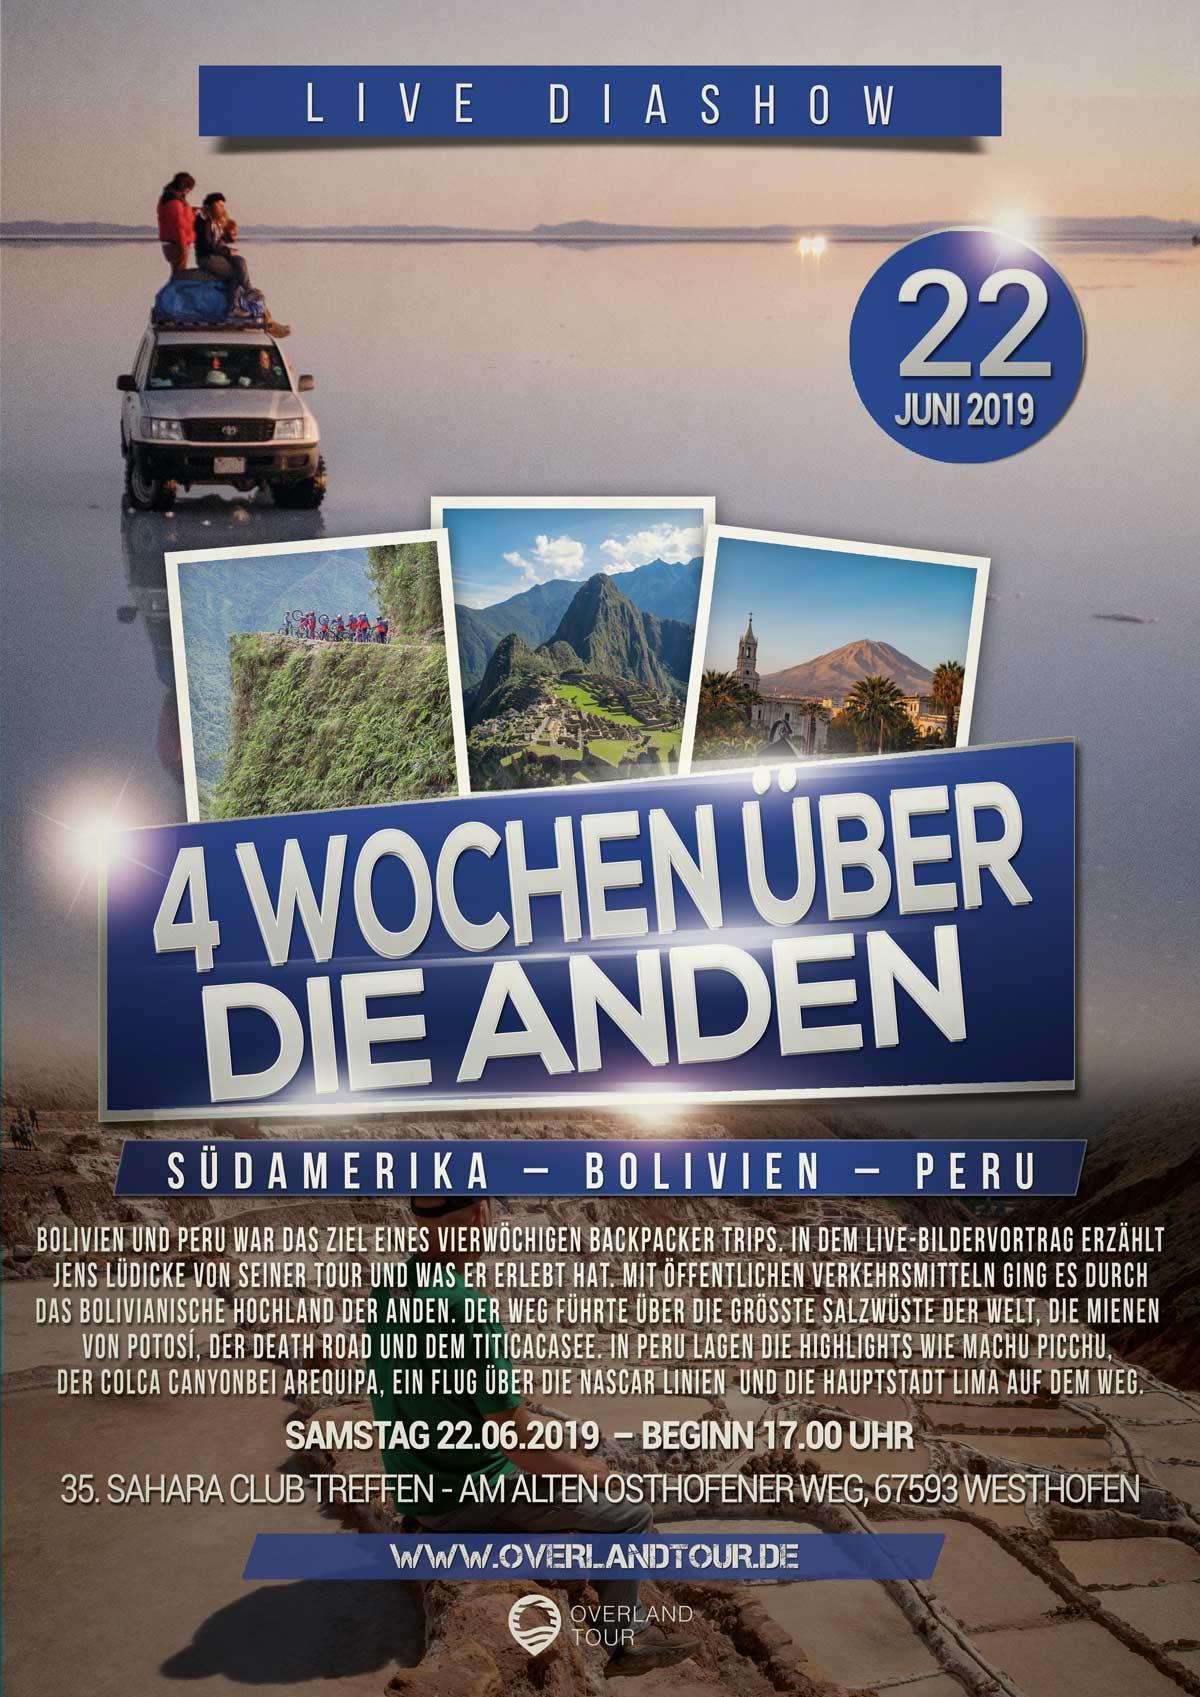 Live Diashow - 4 Wochen über die Anden